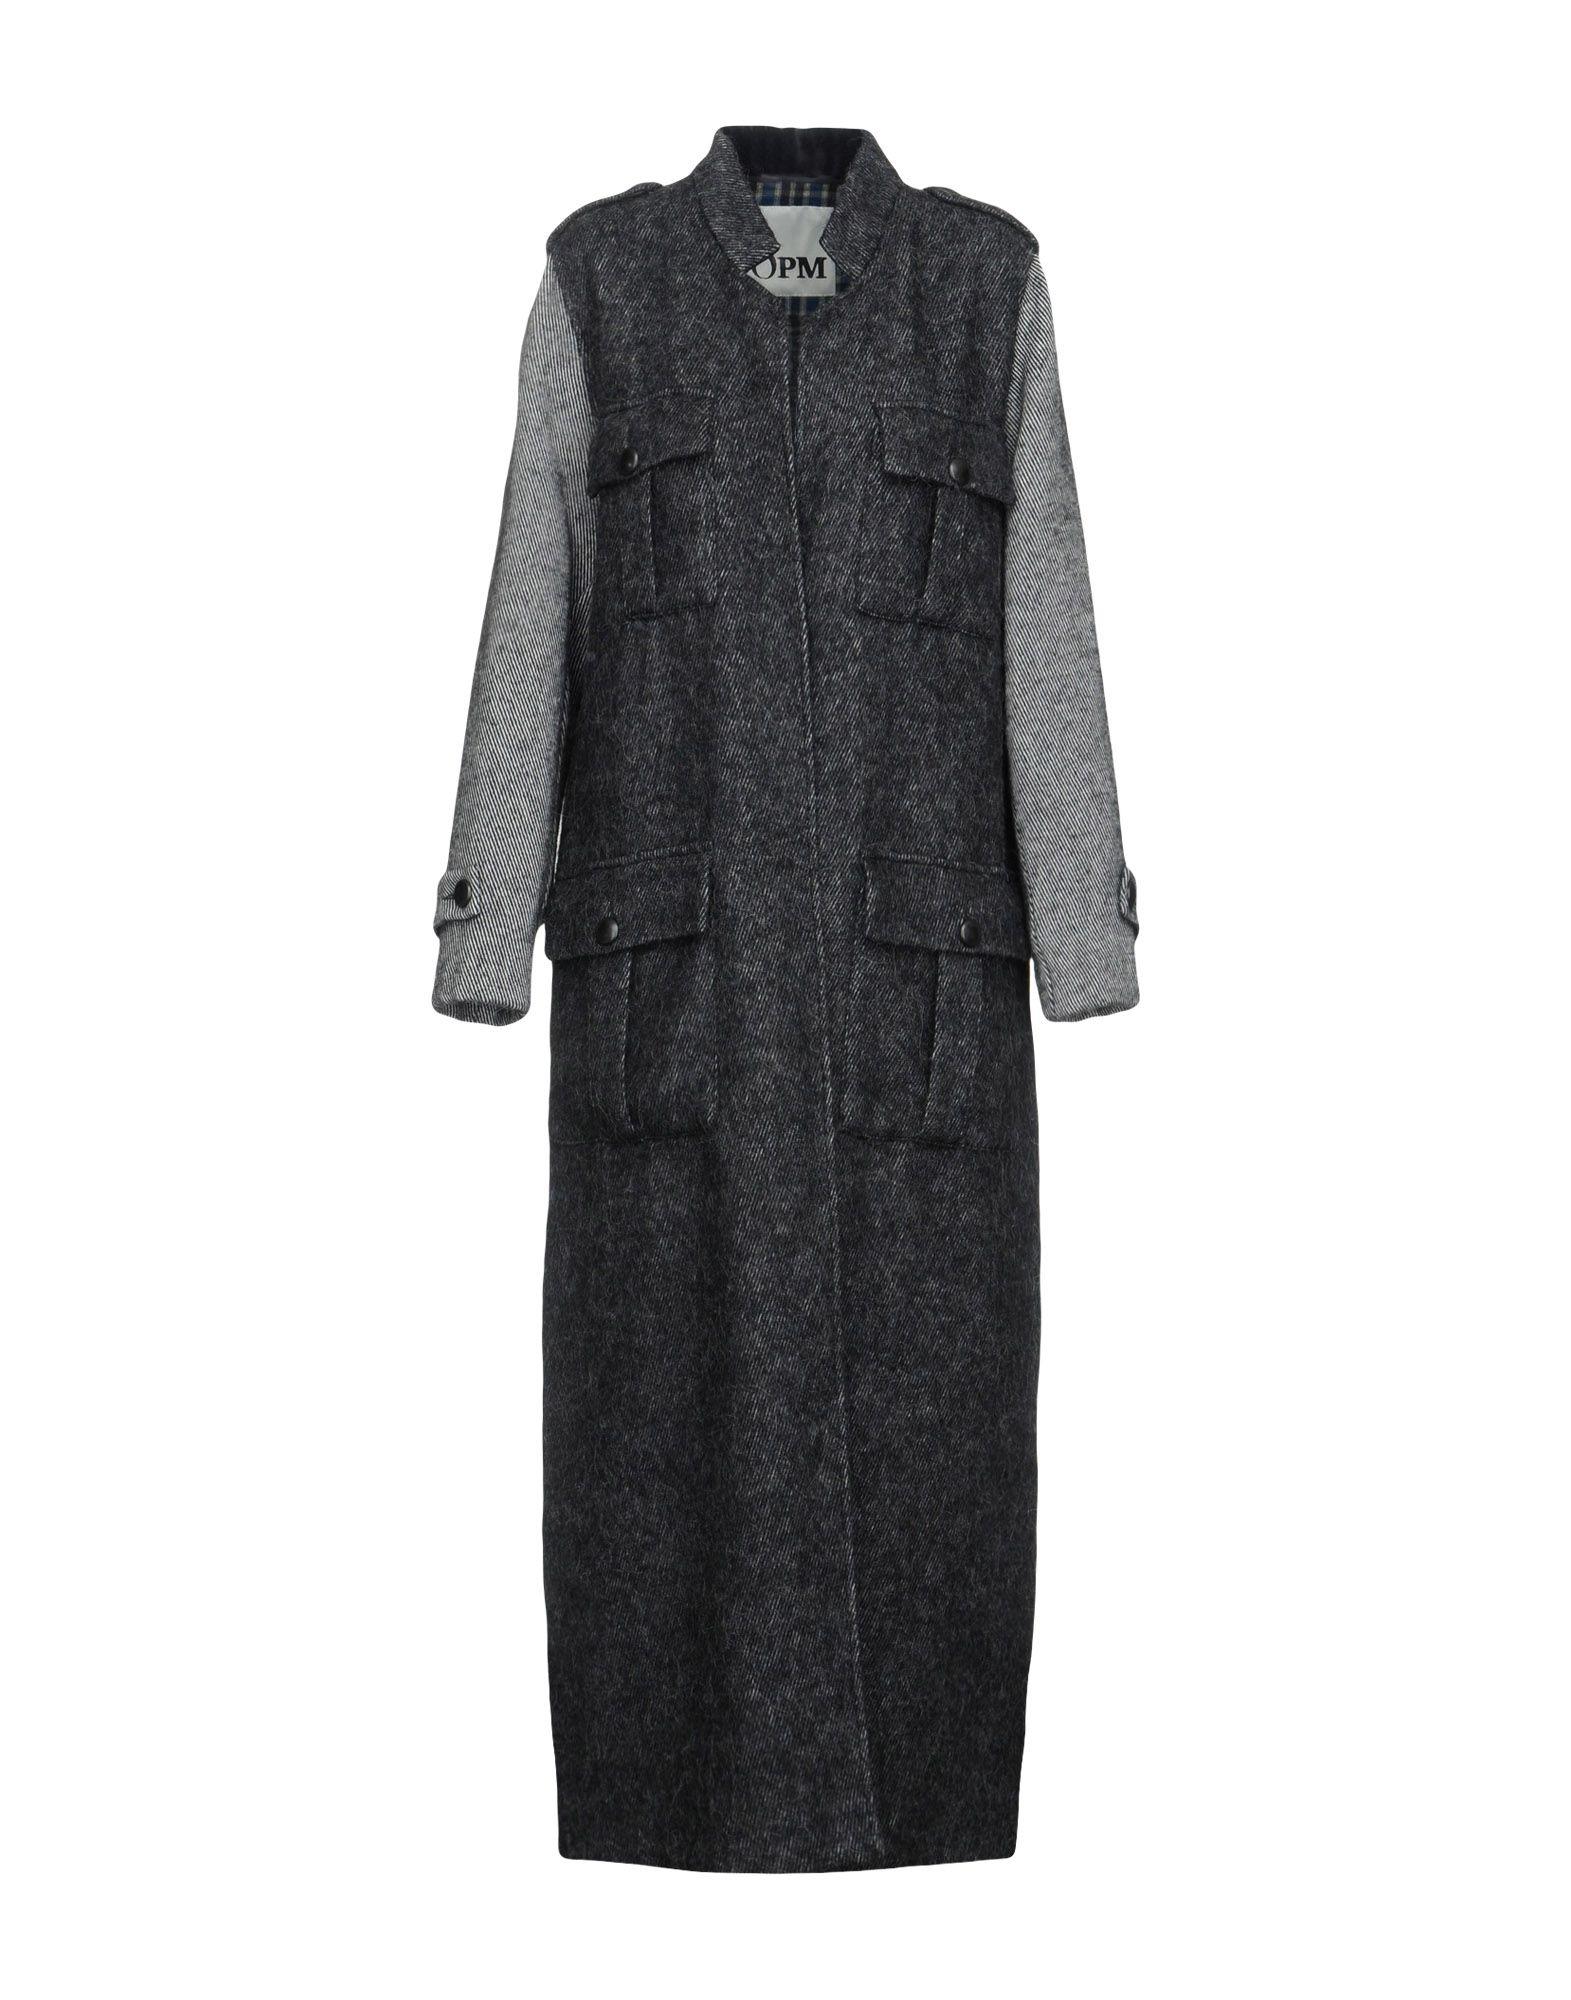 8PM Пальто туника 8pm красный черный синий 38 40 размер